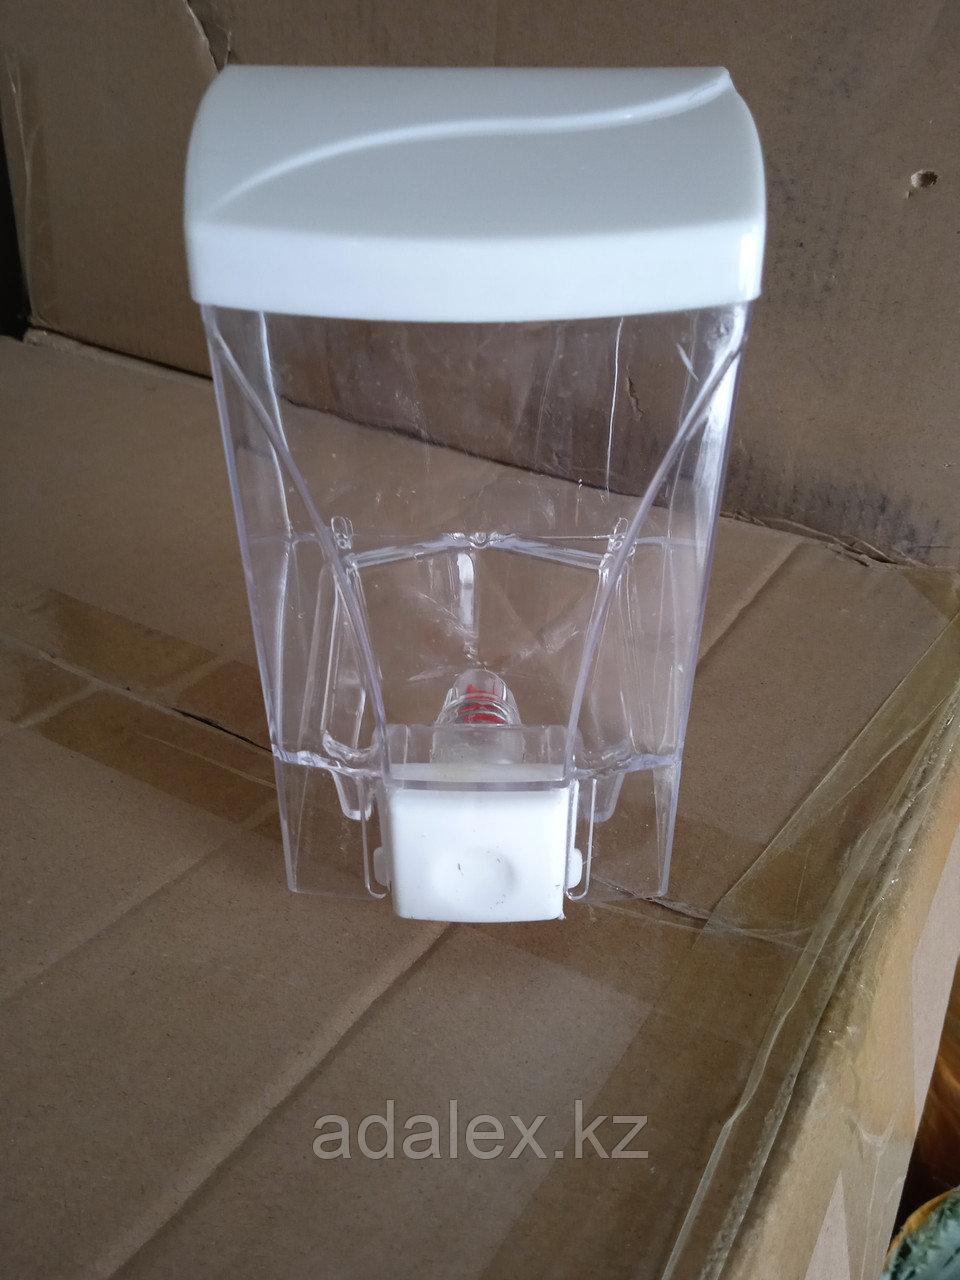 Диспенсер-дозатор для жидкого мыла 0.5л. - фото 2